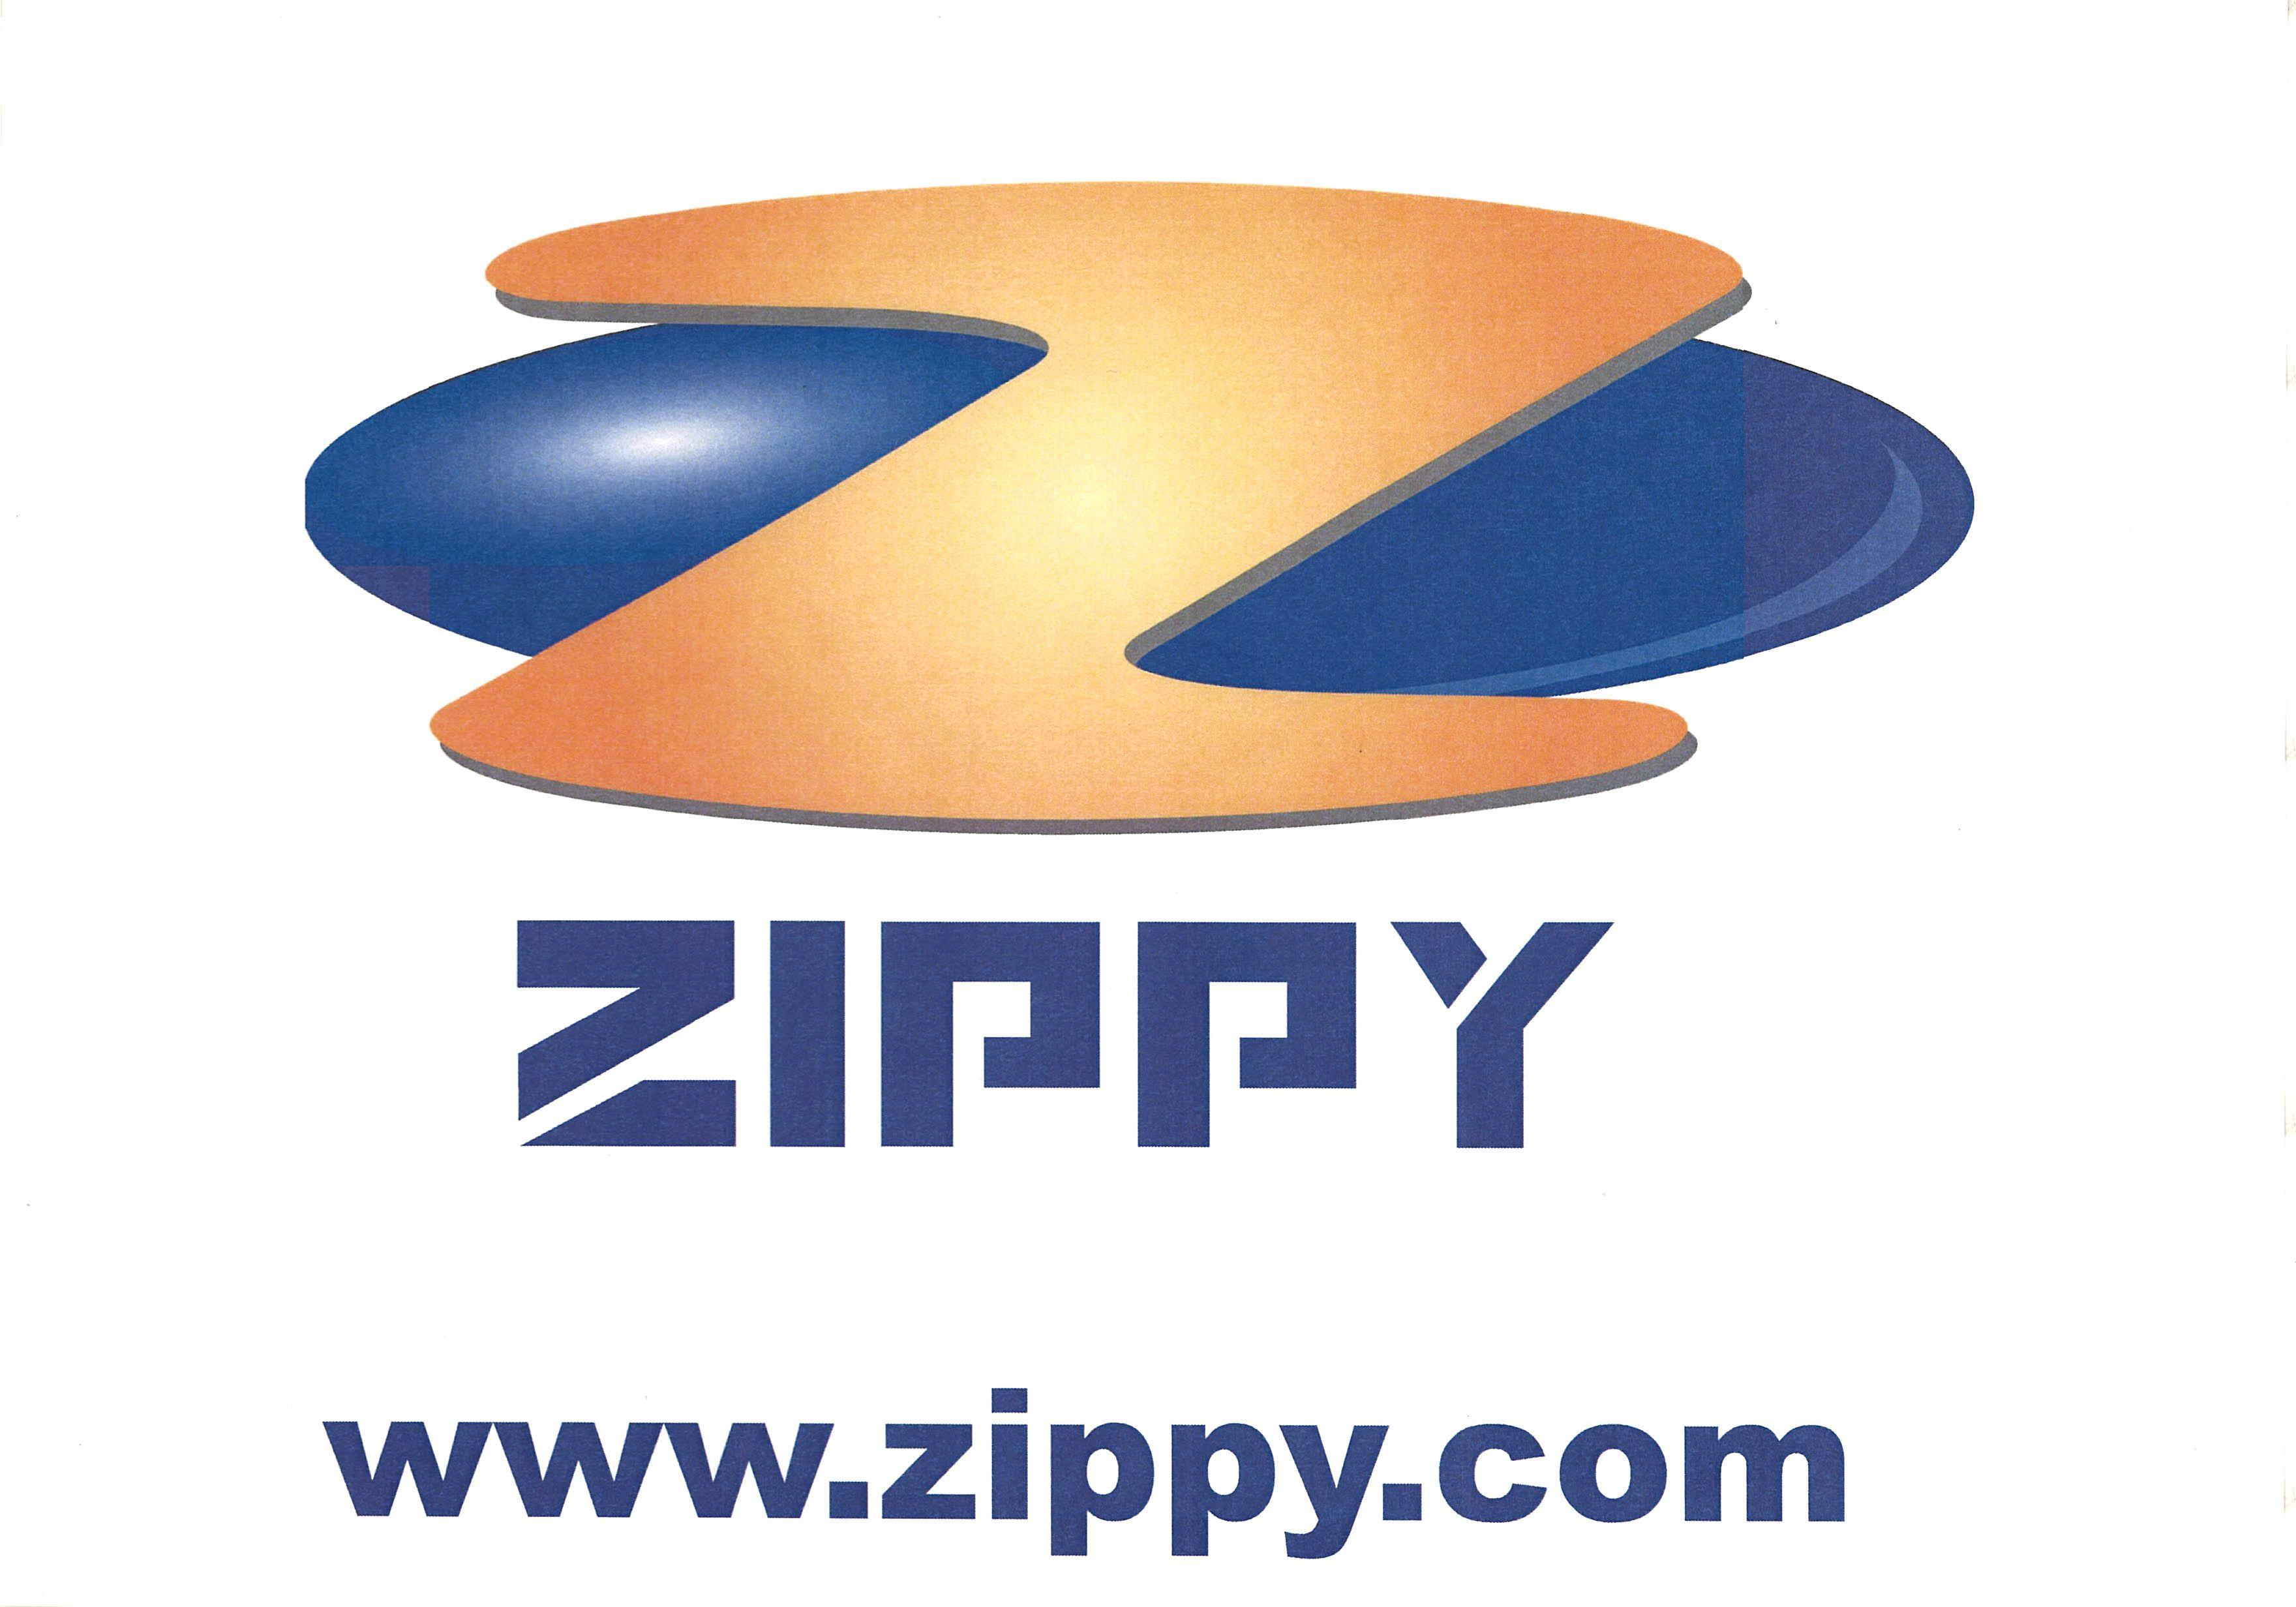 ZIPPYテクノロジー(新巨企業株式会社)